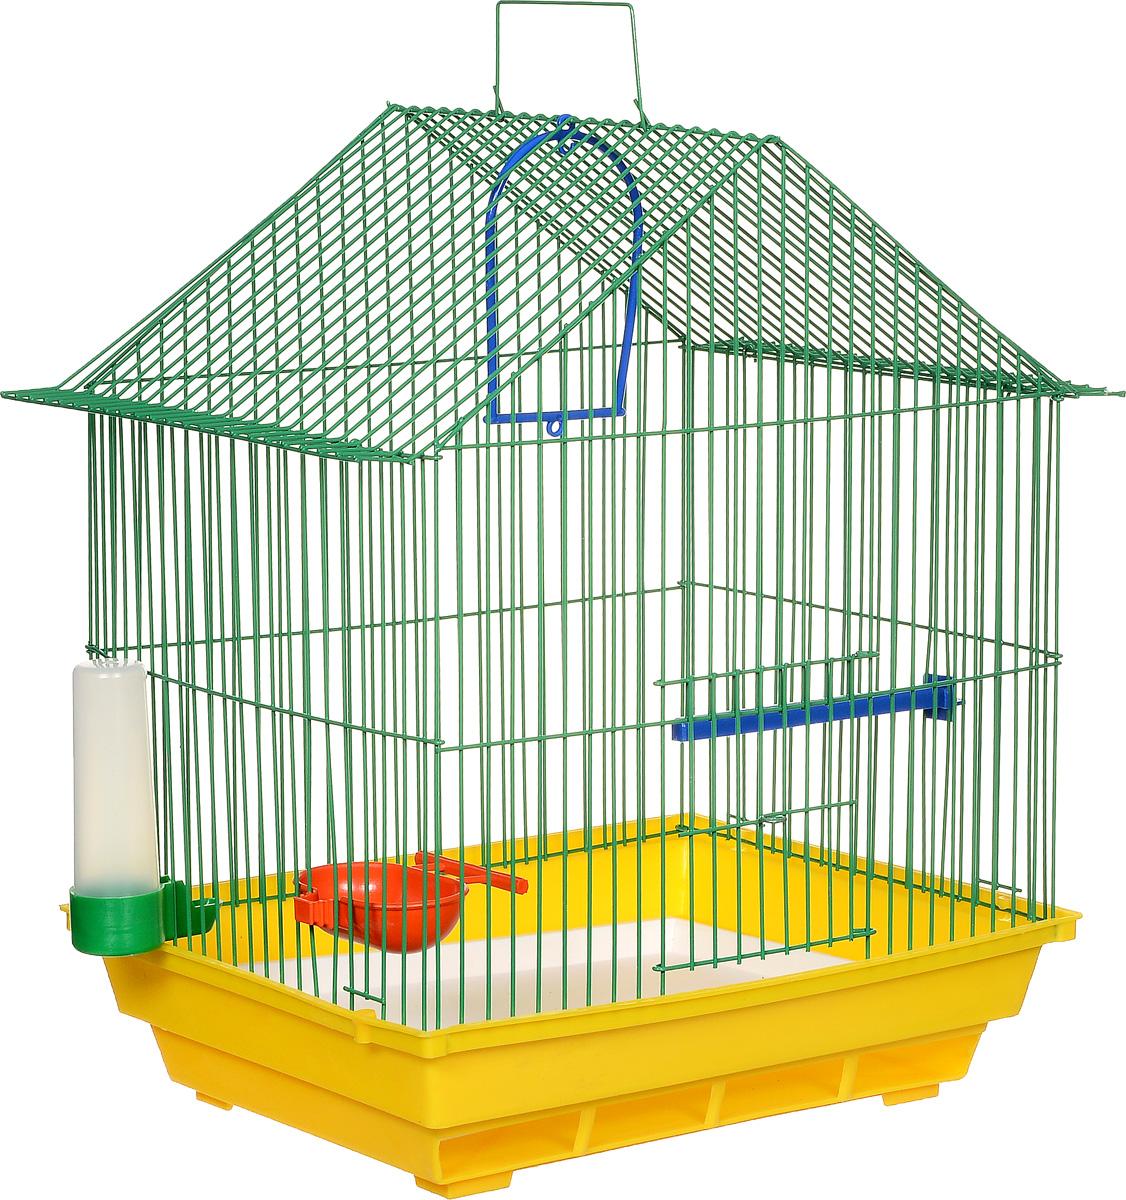 Клетка для птиц ЗооМарк, цвет: желтый поддон, зеленая решетка, 39 х 28 х 42 см410ЖЗКлетка ЗооМарк, выполненная из полипропилена и металла, предназначена для мелких птиц. Изделие состоит из большого поддона и решетки. Клетка снабжена металлической дверцей. В основании клетки находится малый поддон. Клетка удобна в использовании и легко чистится. Она оснащена кольцом для птицы, поилкой, кормушкой и подвижной ручкой для удобной переноски.